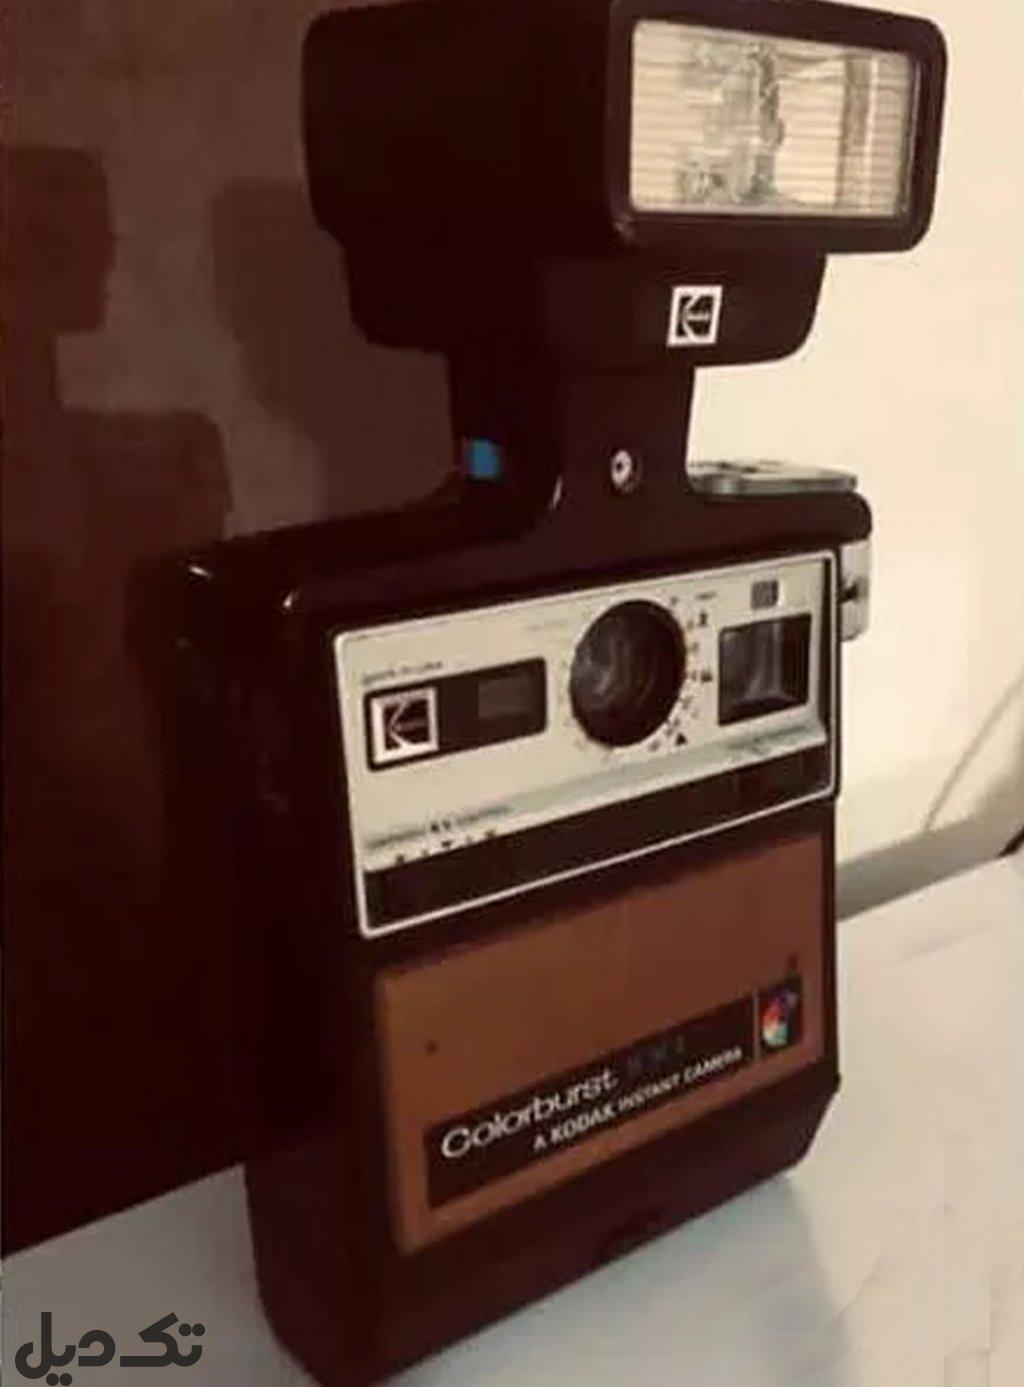 دوربین قدیمی